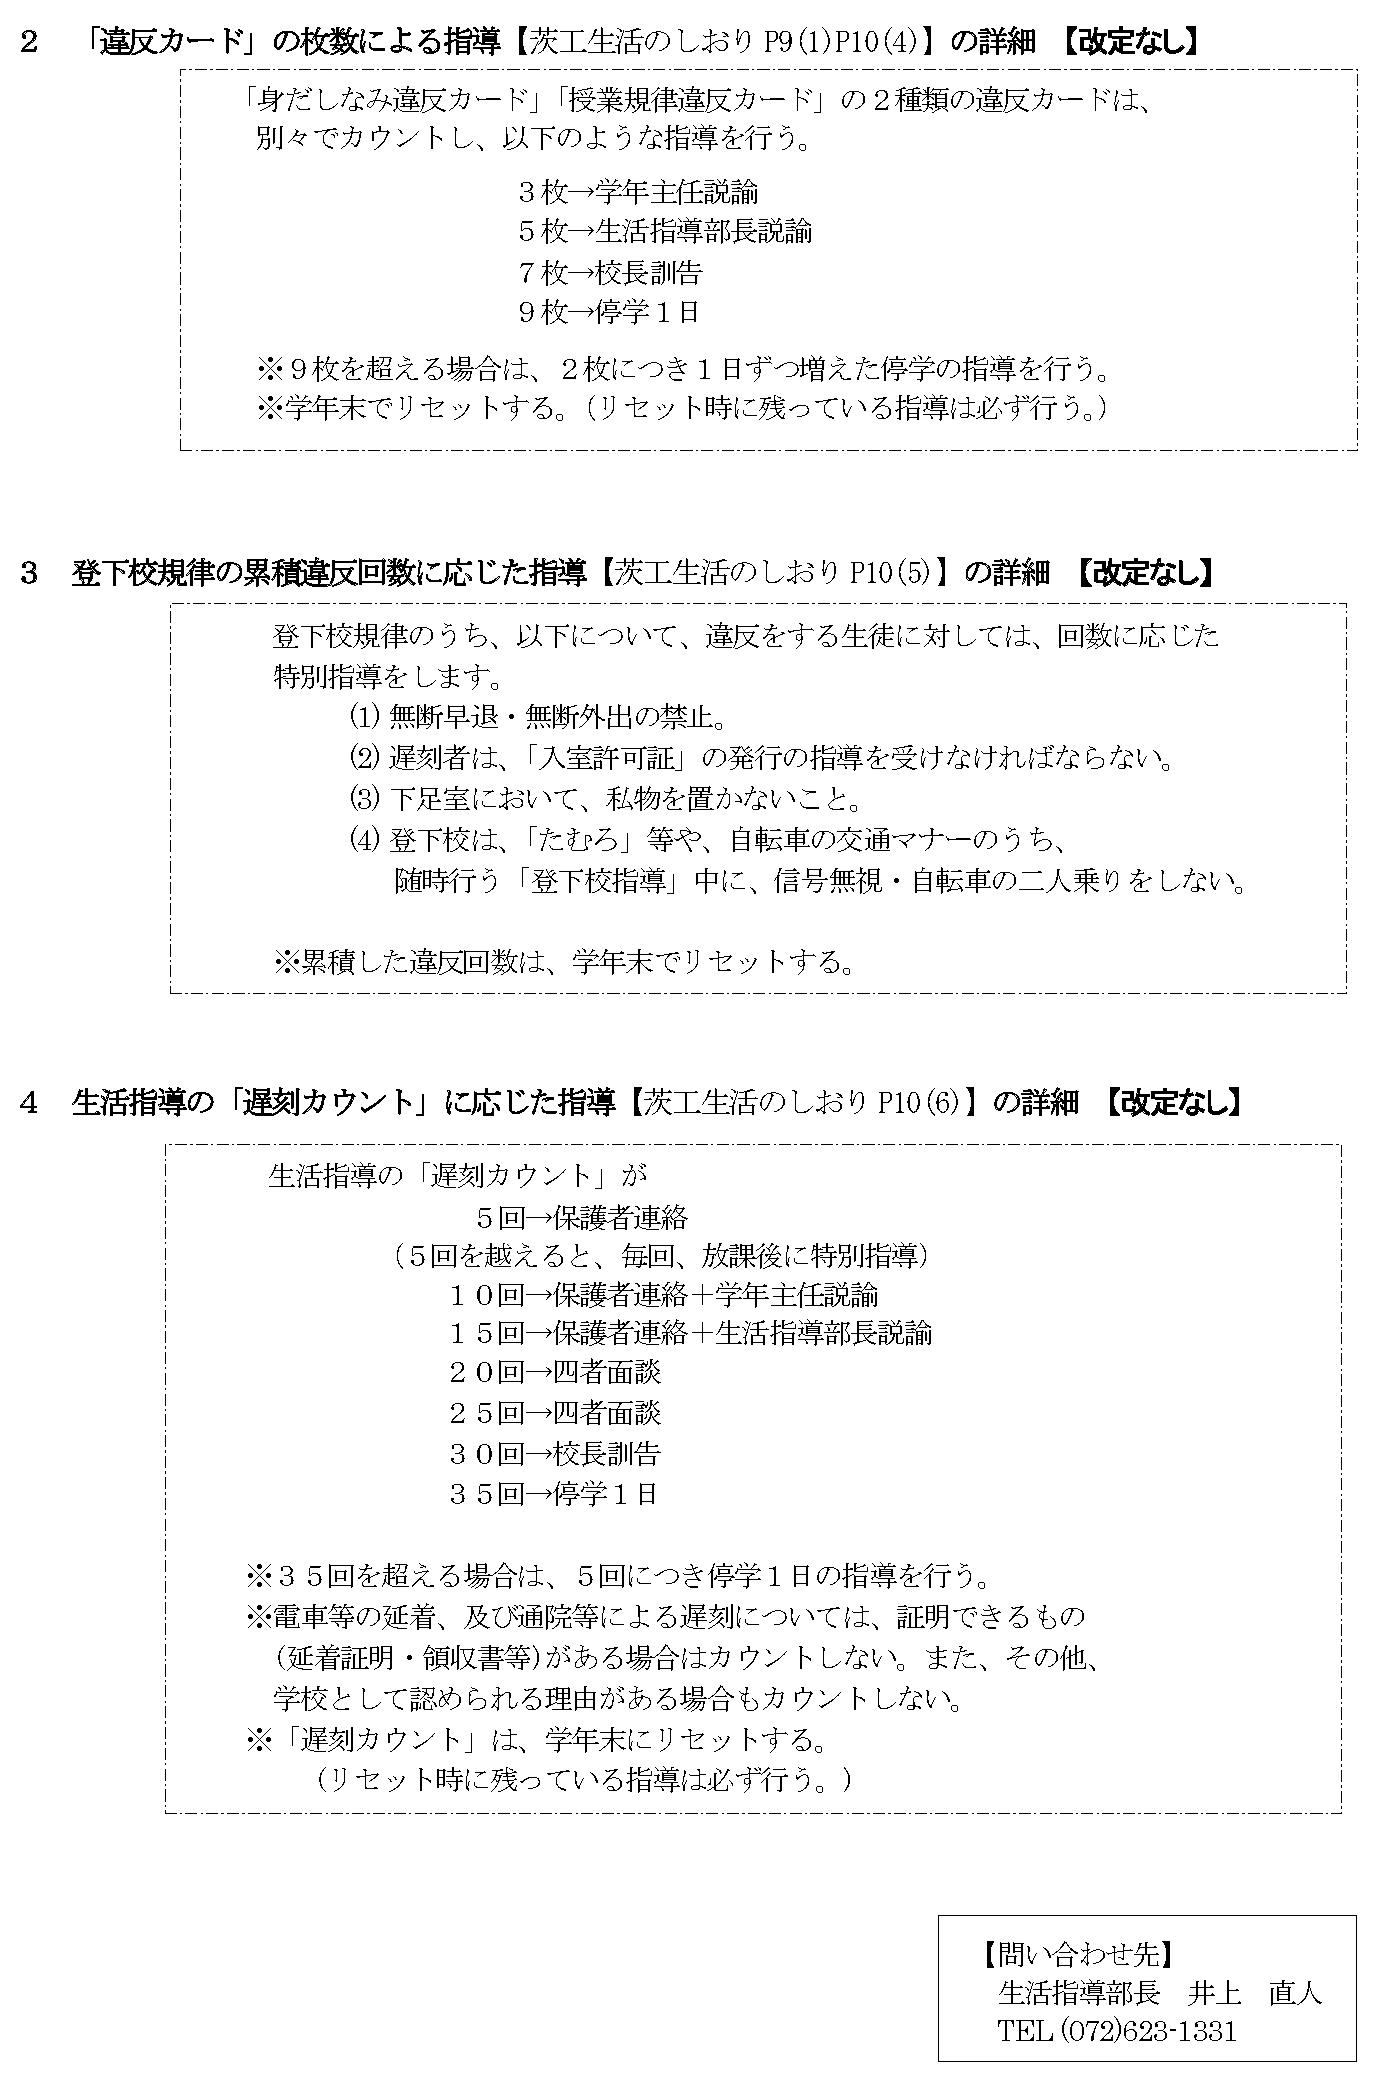 1年保護者宛2019保生活指導の改定2